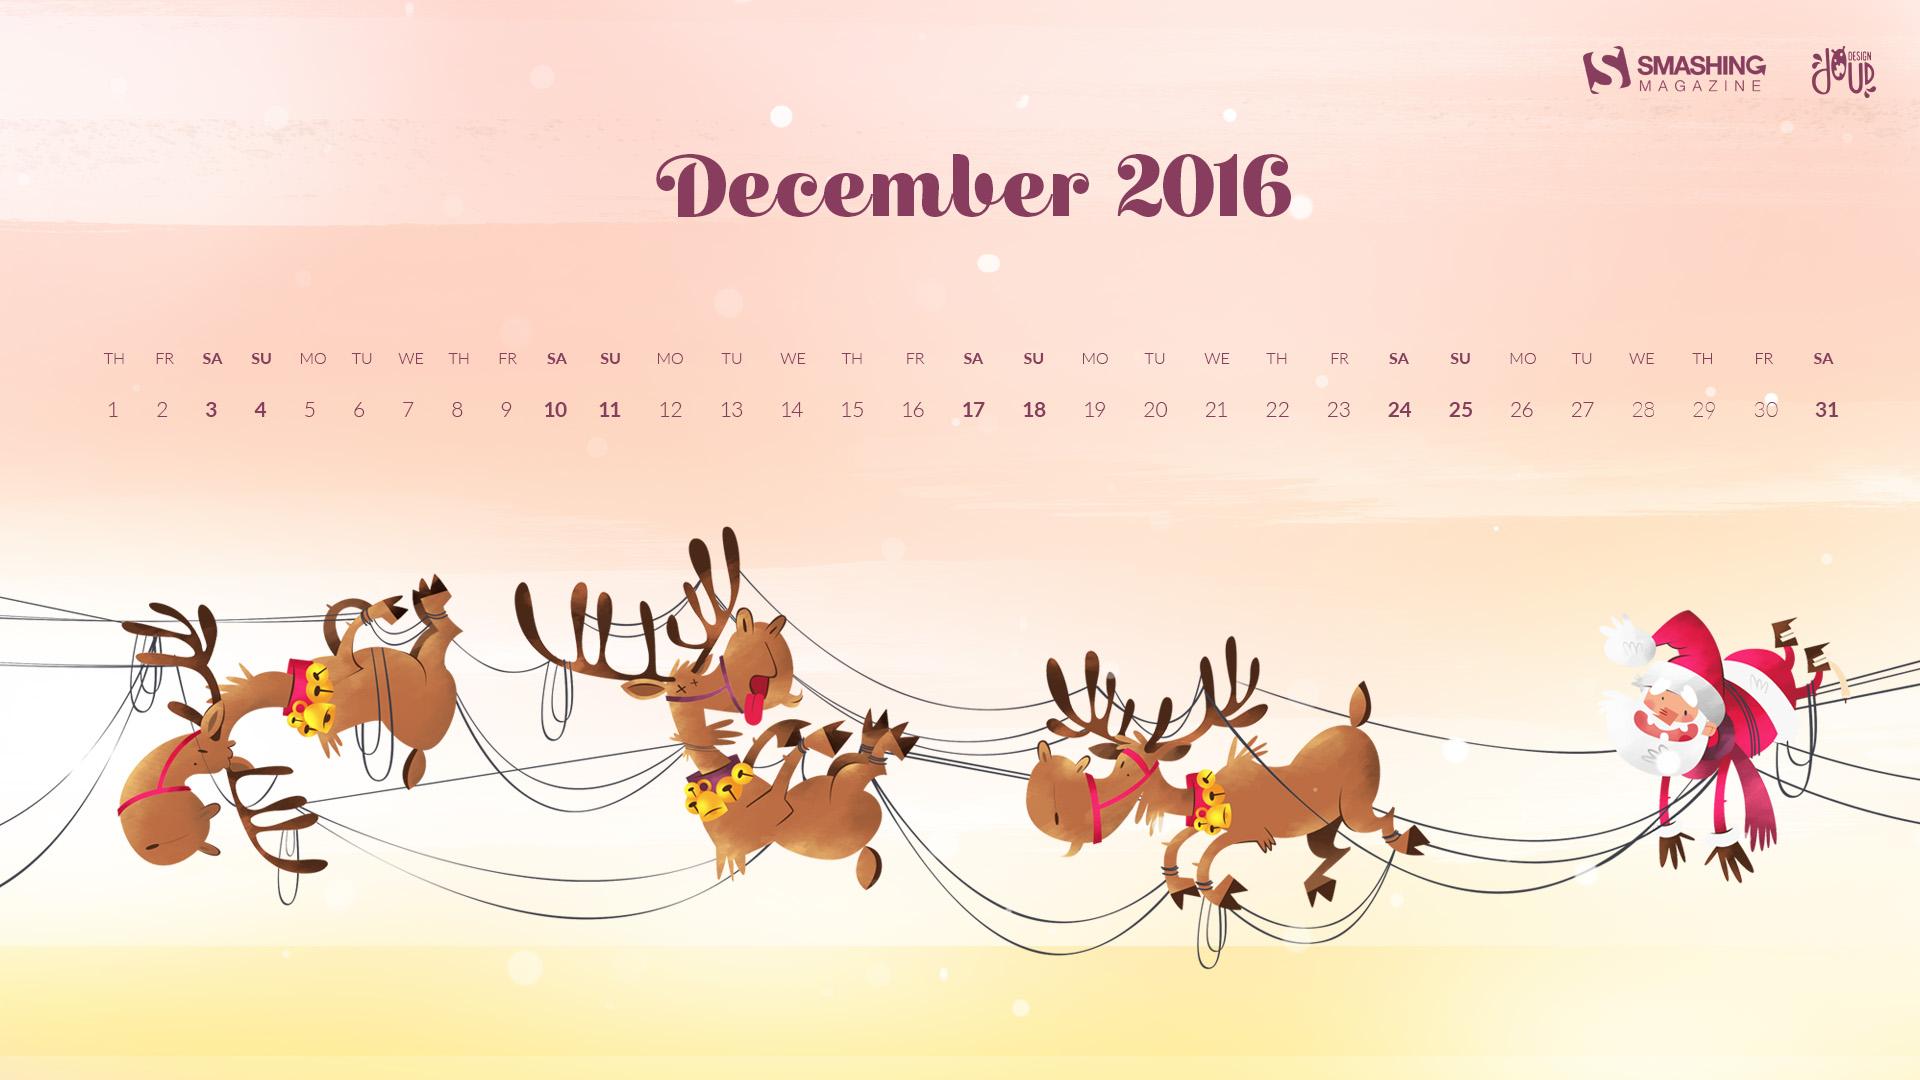 Christmas Calendar Wallpaper : Desktop wallpaper calendar decembrie touchofadream